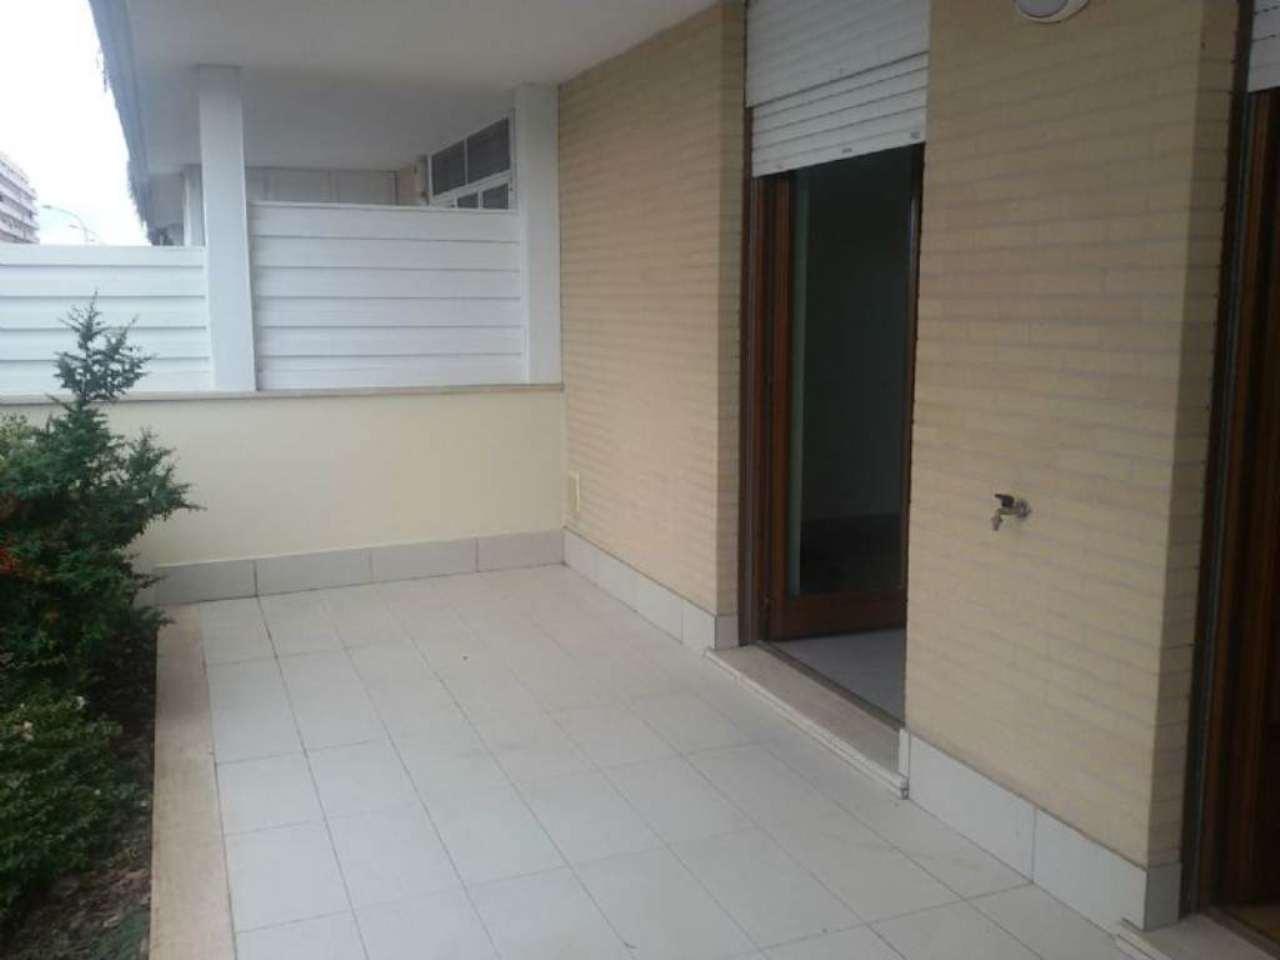 Bilocale roma vendita 185000 euro zona 21 laurentina 22 for Vendita appartamenti amsterdam